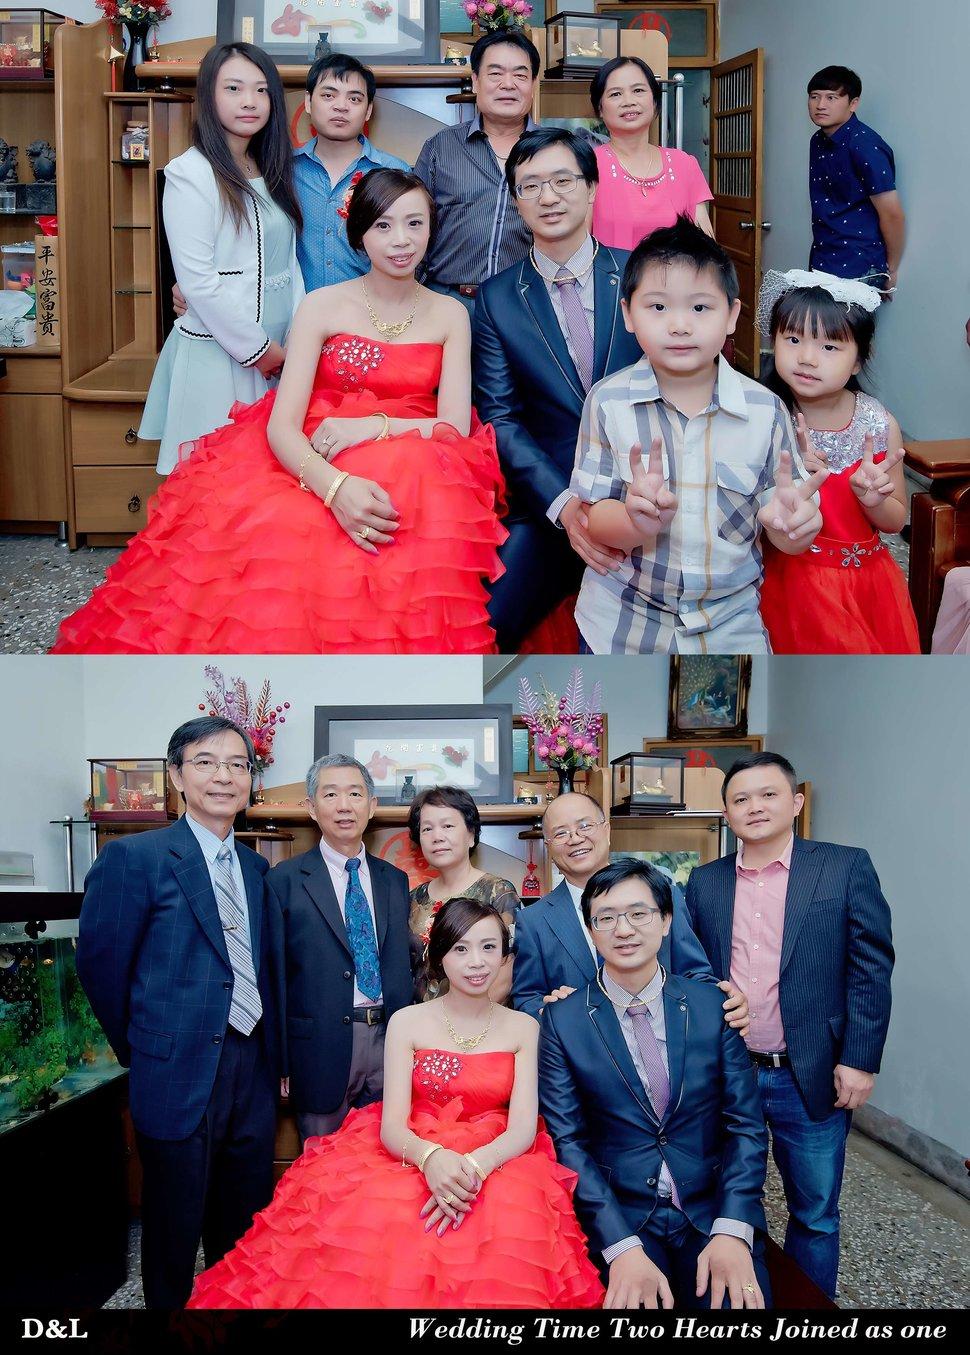 台中婚攝 婚禮記錄 訂結午宴 球愛物語景觀婚禮會館-平面攝影(編號:374395) - D&L 婚禮事務-婚紗攝影/婚禮攝影 - 結婚吧